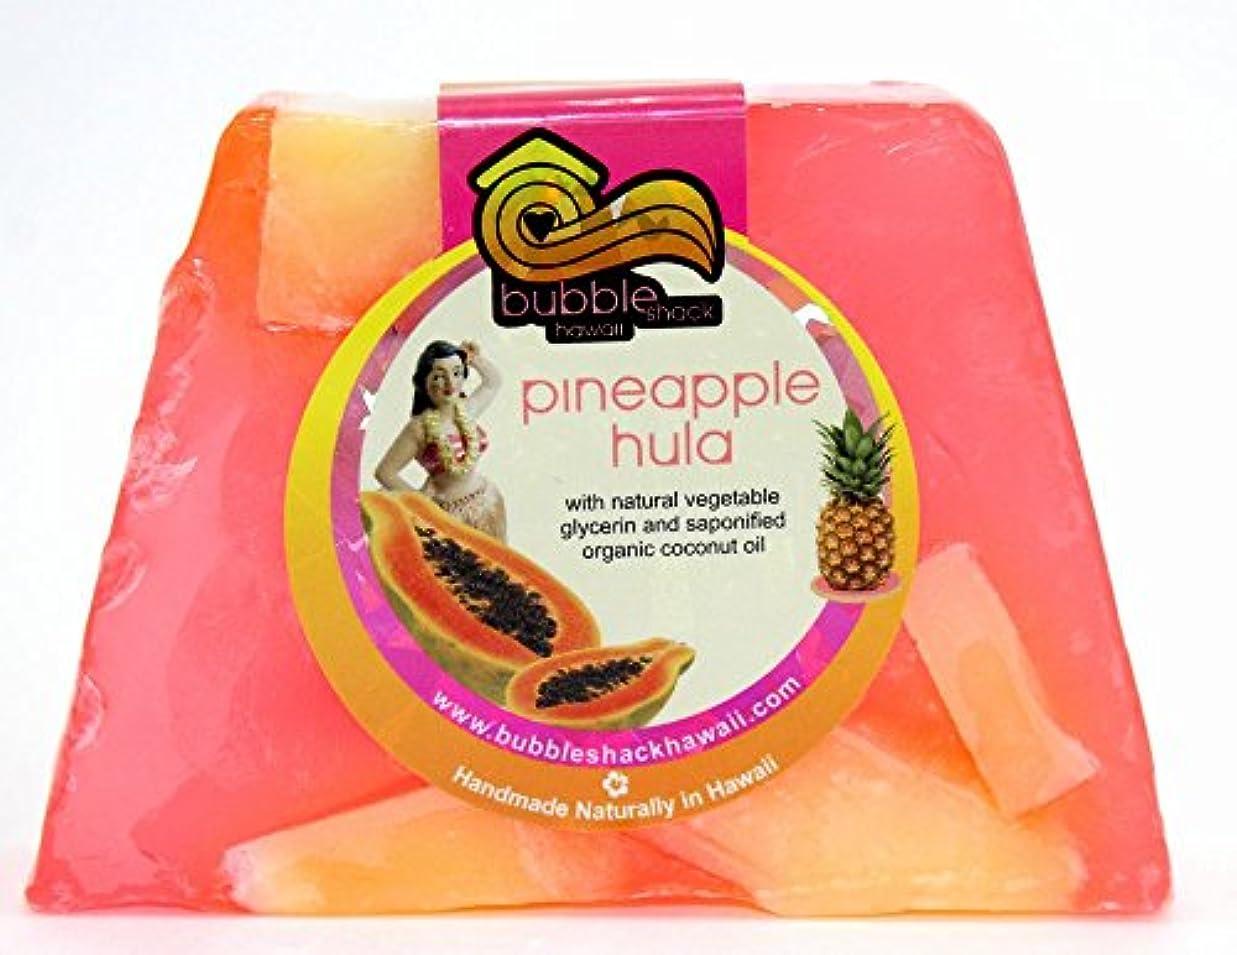 集める限られた比喩ハワイ お土産 ハワイアン雑貨 バブルシャック パイナップル チャンクソープ 石鹸 (フラ) ハワイ雑貨